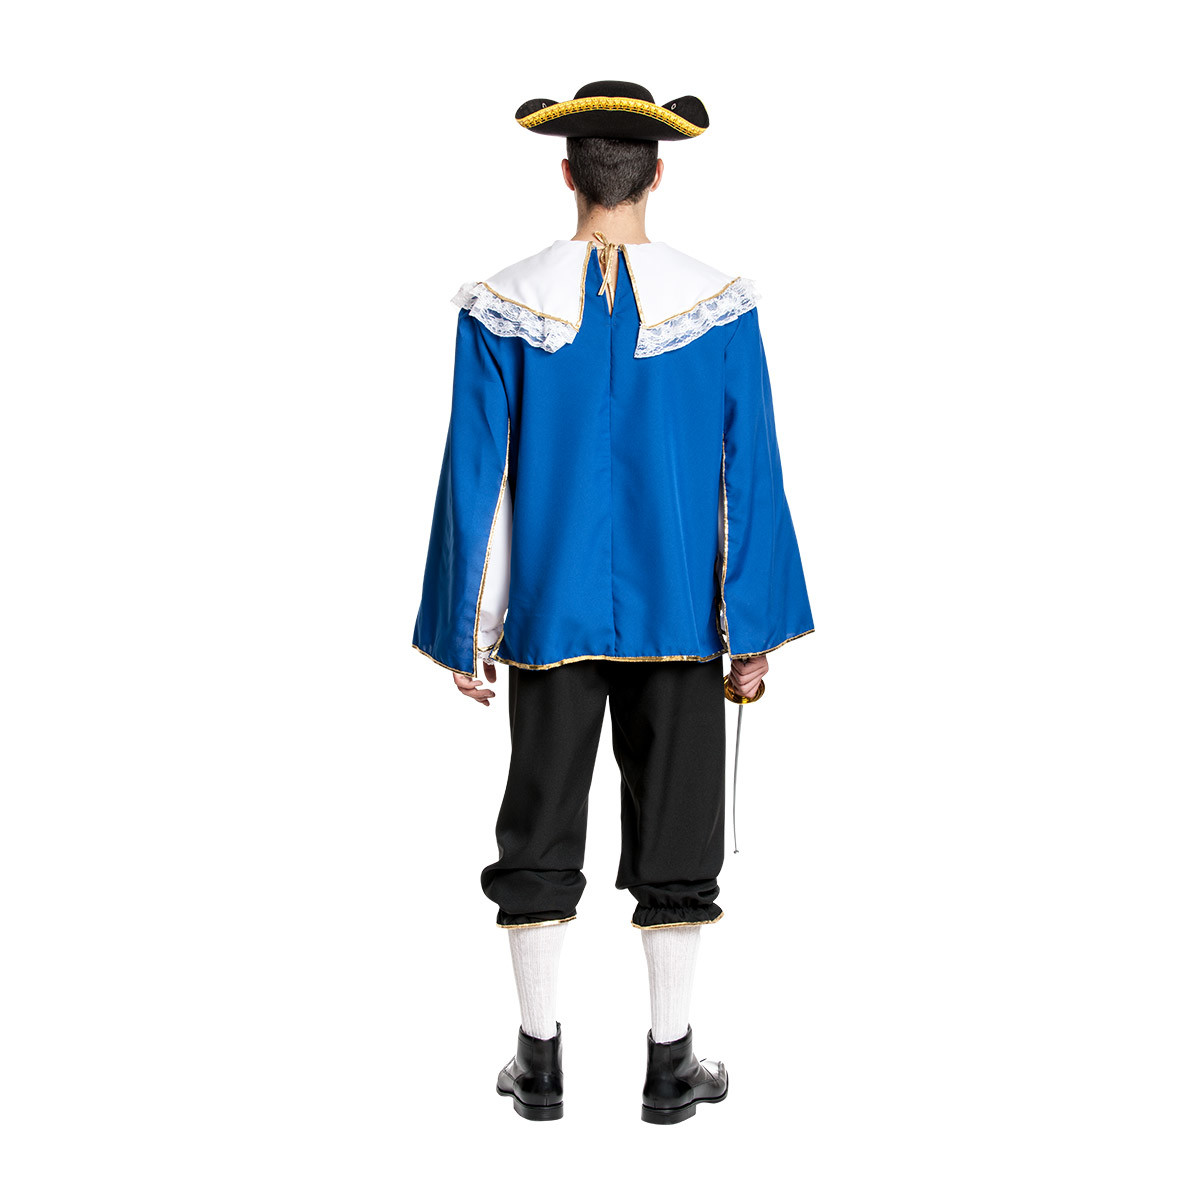 Kostüm Zu Dritt